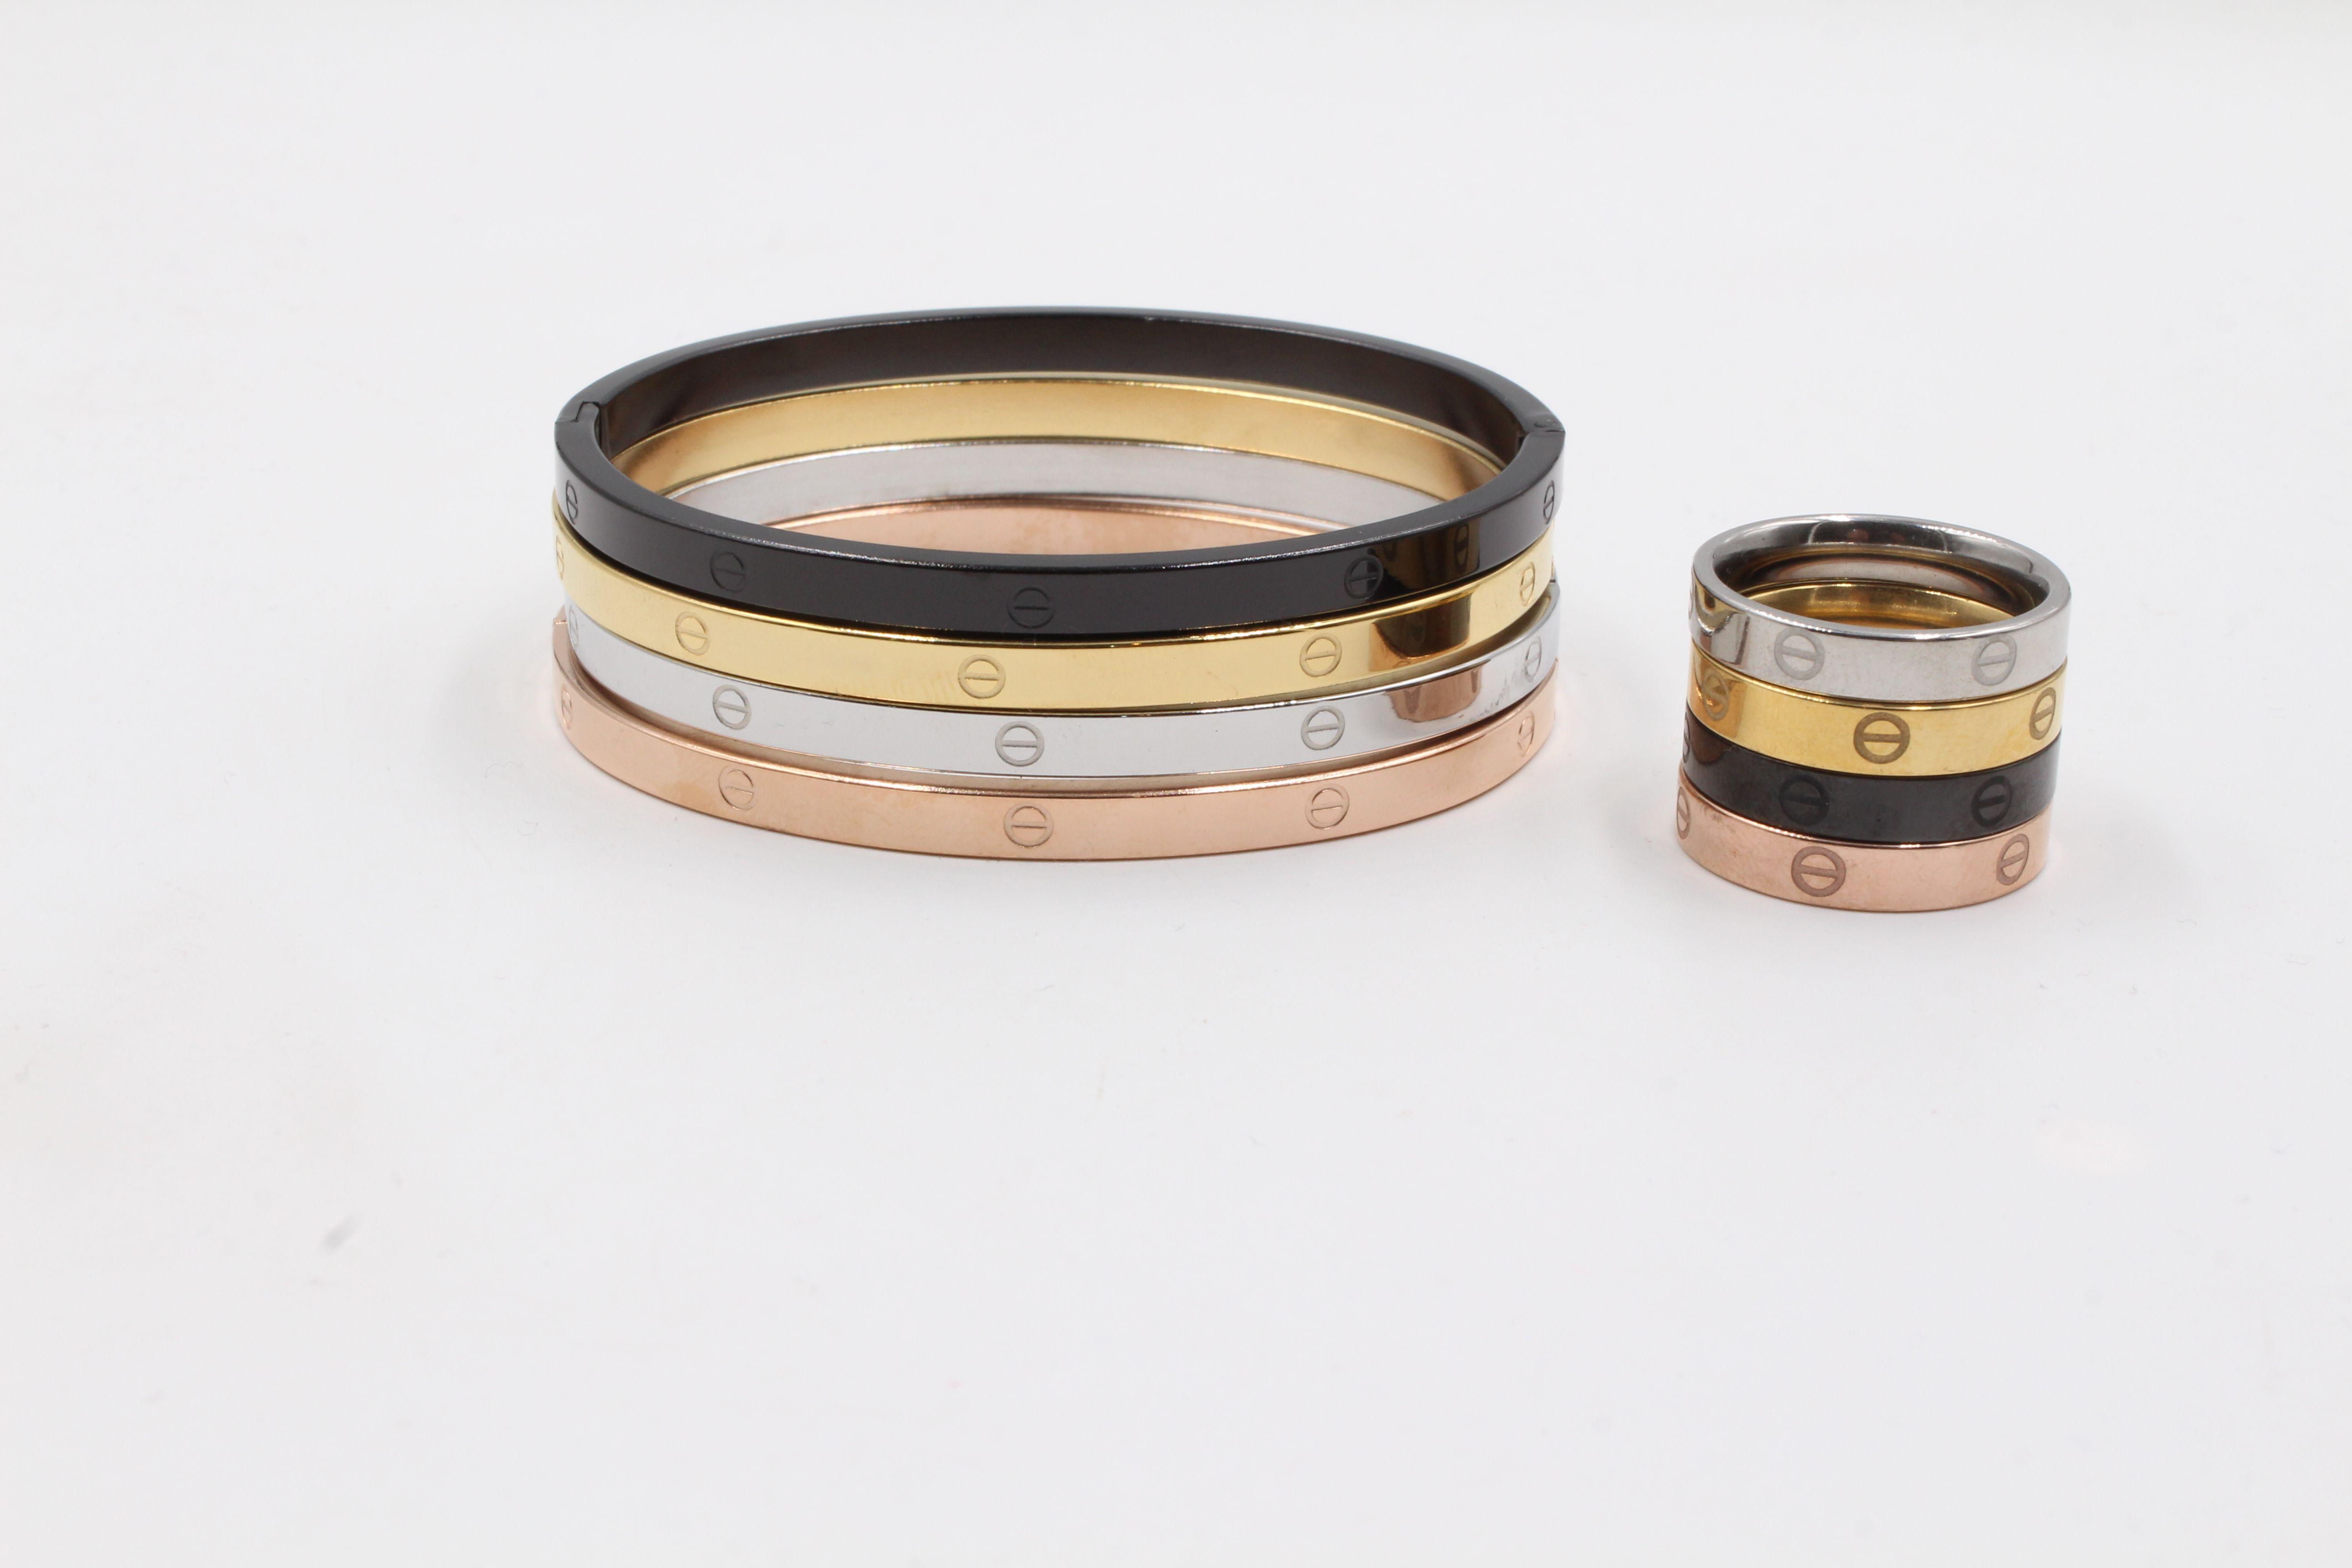 اساور خواتم كارتير طقم 8 قطع مكونه من 4 قطع اساور و4 قطع خواتم ملونه باللون الفضي والذهبي والنحاسي والاسود قابله Rings For Men Wedding Rings Engagement Rings